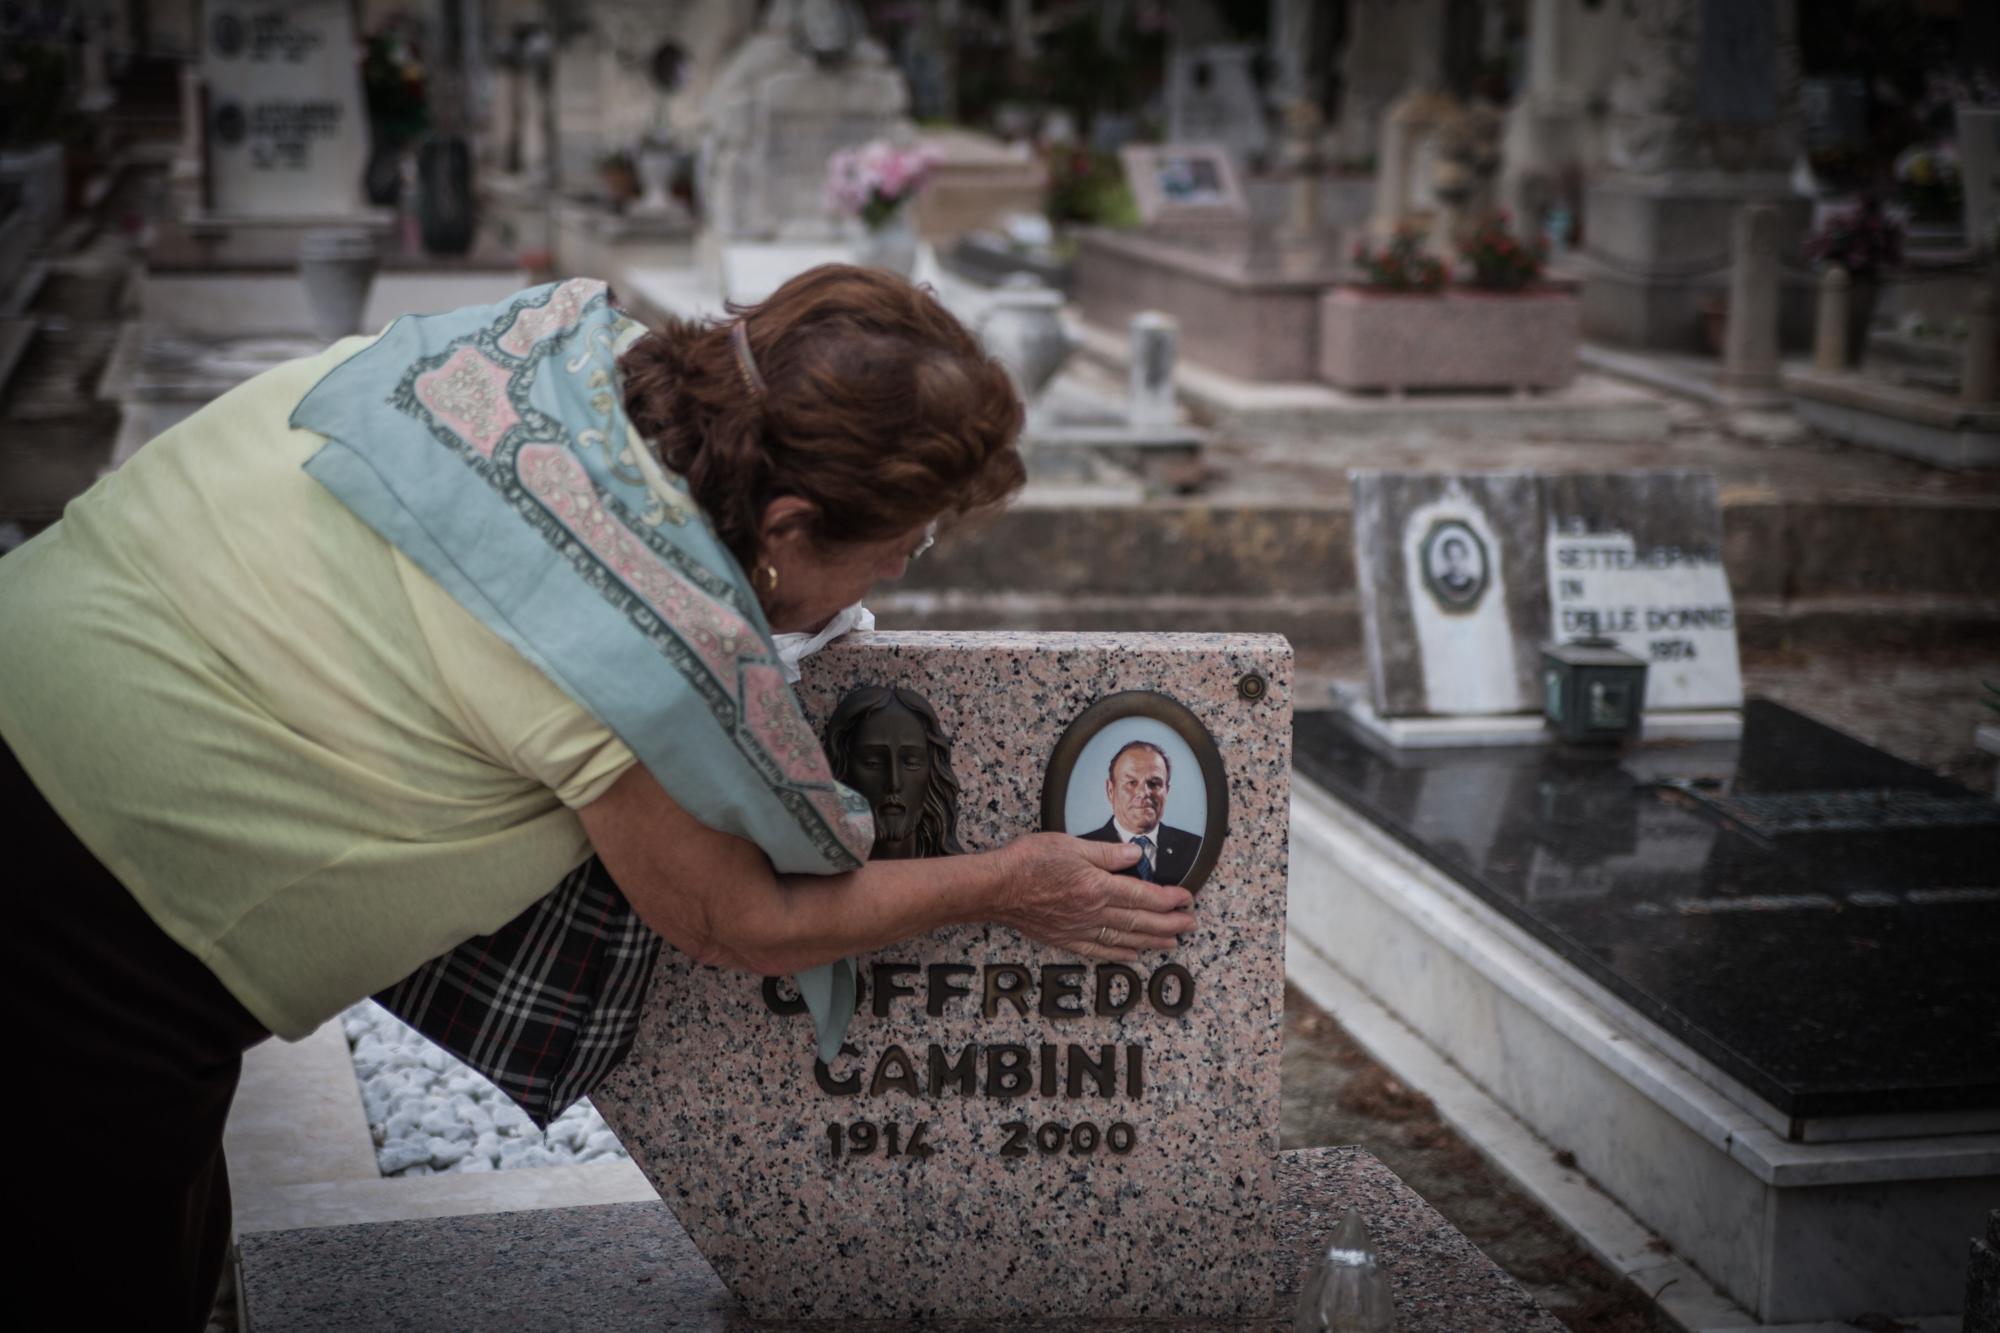 Elisa Gambini sulla tomba del padre, ex dipendente S.I.To.Co. cimitero di Orbetello (Grosseto), 2015.Il figlio di Elisa, Giorgio, si è ammalato di tumore ai polmoni e dopo quattro anni di cure è morto di infarto nel gennaio 2015 a 50 anni. Oggi la fabbrica è ricoperta di circa 28.000 metri quadri di lastre di amianto, completamente deteriorate.